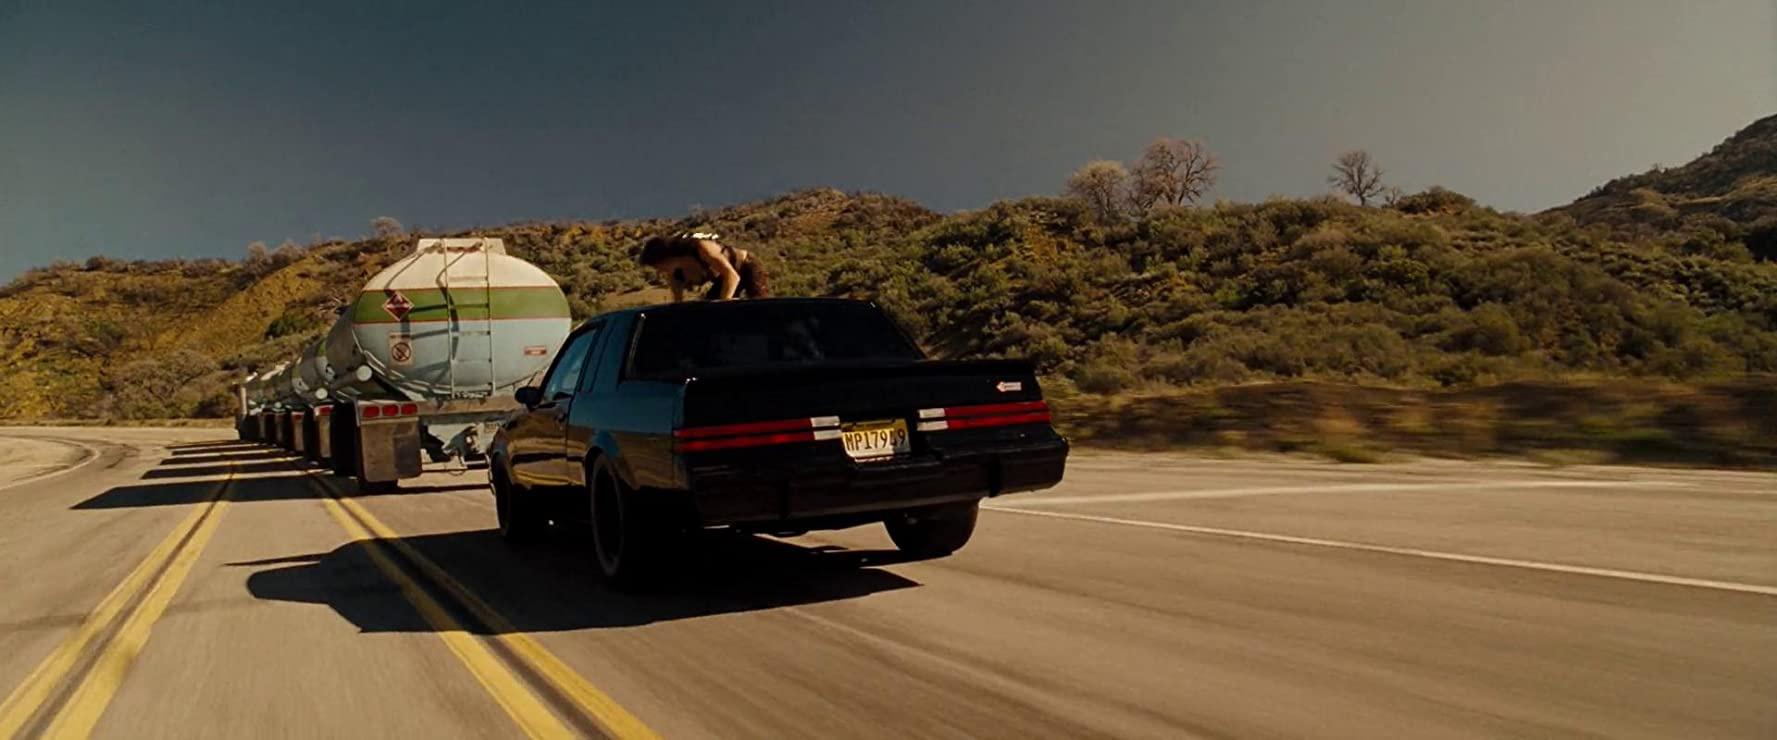 Tuy nhiên, mọi chuyện diễn ra không như kế hoạch, khiến Dom và Letty (Michelle Rodriguez) bị kẹt lại trong một hẻm núi, bên này là đầu xe bồn đã bị lật nghiêng, bên kia là téc dầu đang bốc cháy liên tục lộn nhào và tiến dần về phía họ. Cảnh phim xứng đáng là cao trào khép lại một bộ phim hành động hóa ra chỉ là màn khởi động của Fast & Furious khi Dom xuất sắc canh trúng thời điểm, và lao xe đi ngay khi téc dầu cháy bùng bùng lật qua đầu họ, đâm sầm vào chiếc xe chặn ở bên kia và nổ tung.